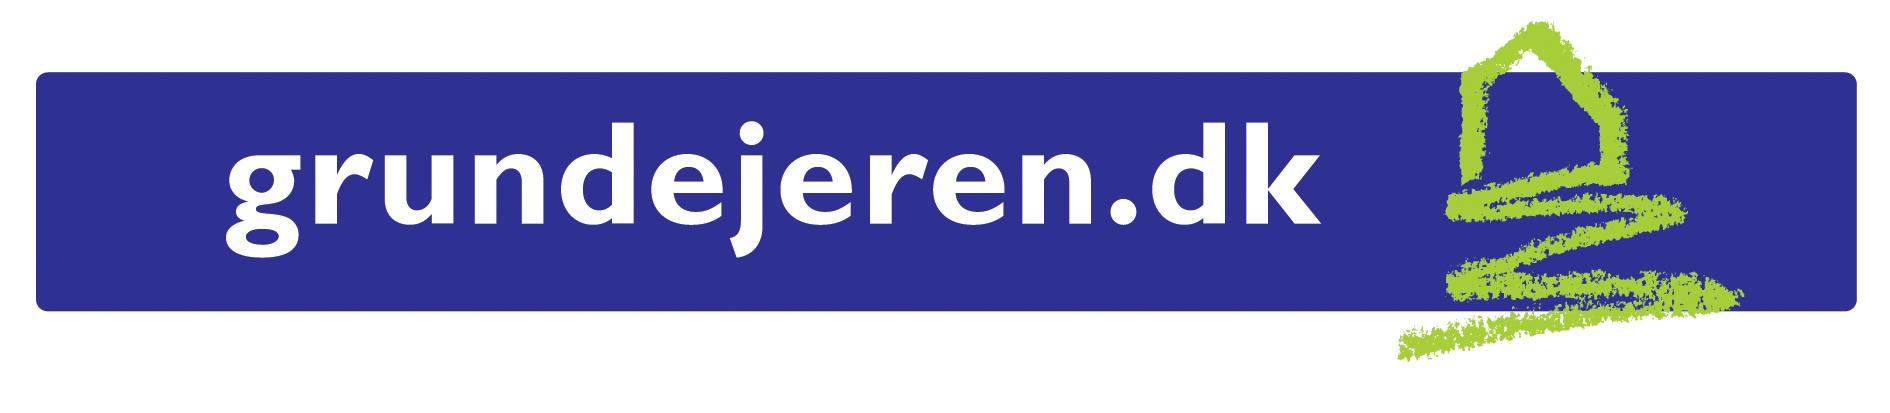 G.dk logo stort.jpg